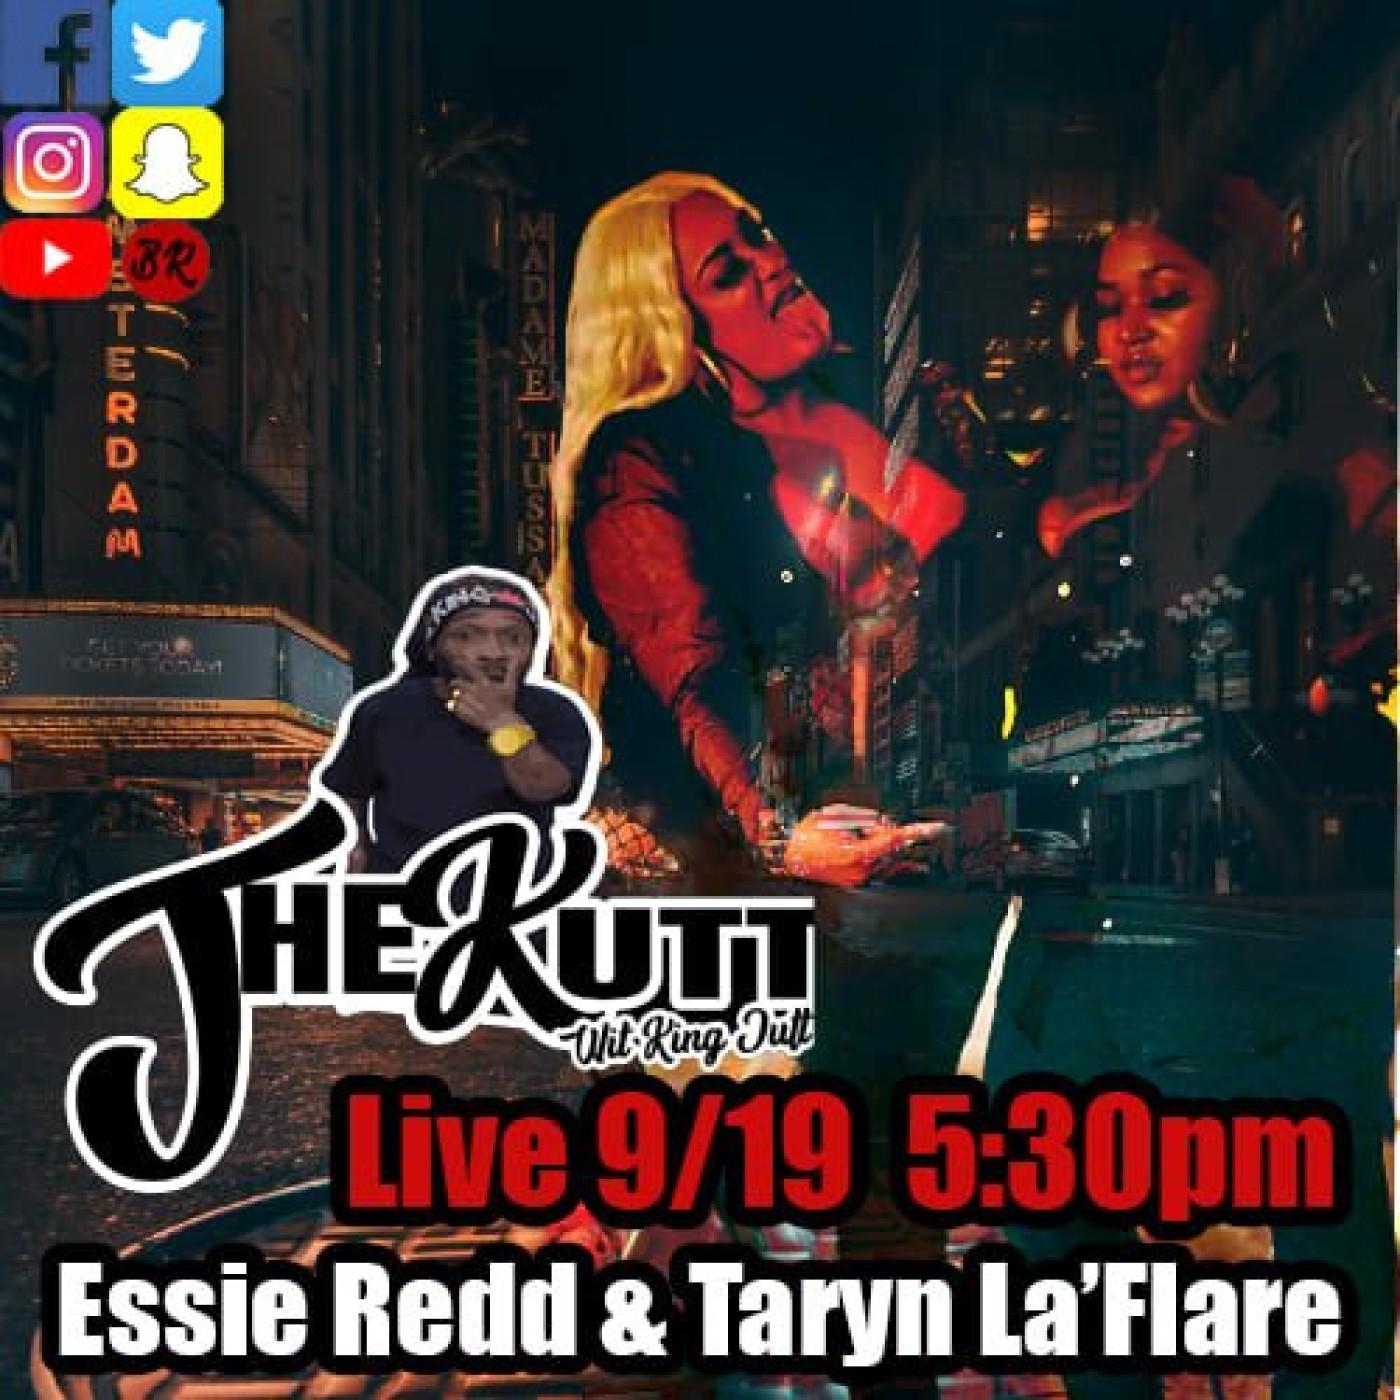 The Kutt Wit King Jutt Ep. 9 - Essie Redd & Taryn La'flare